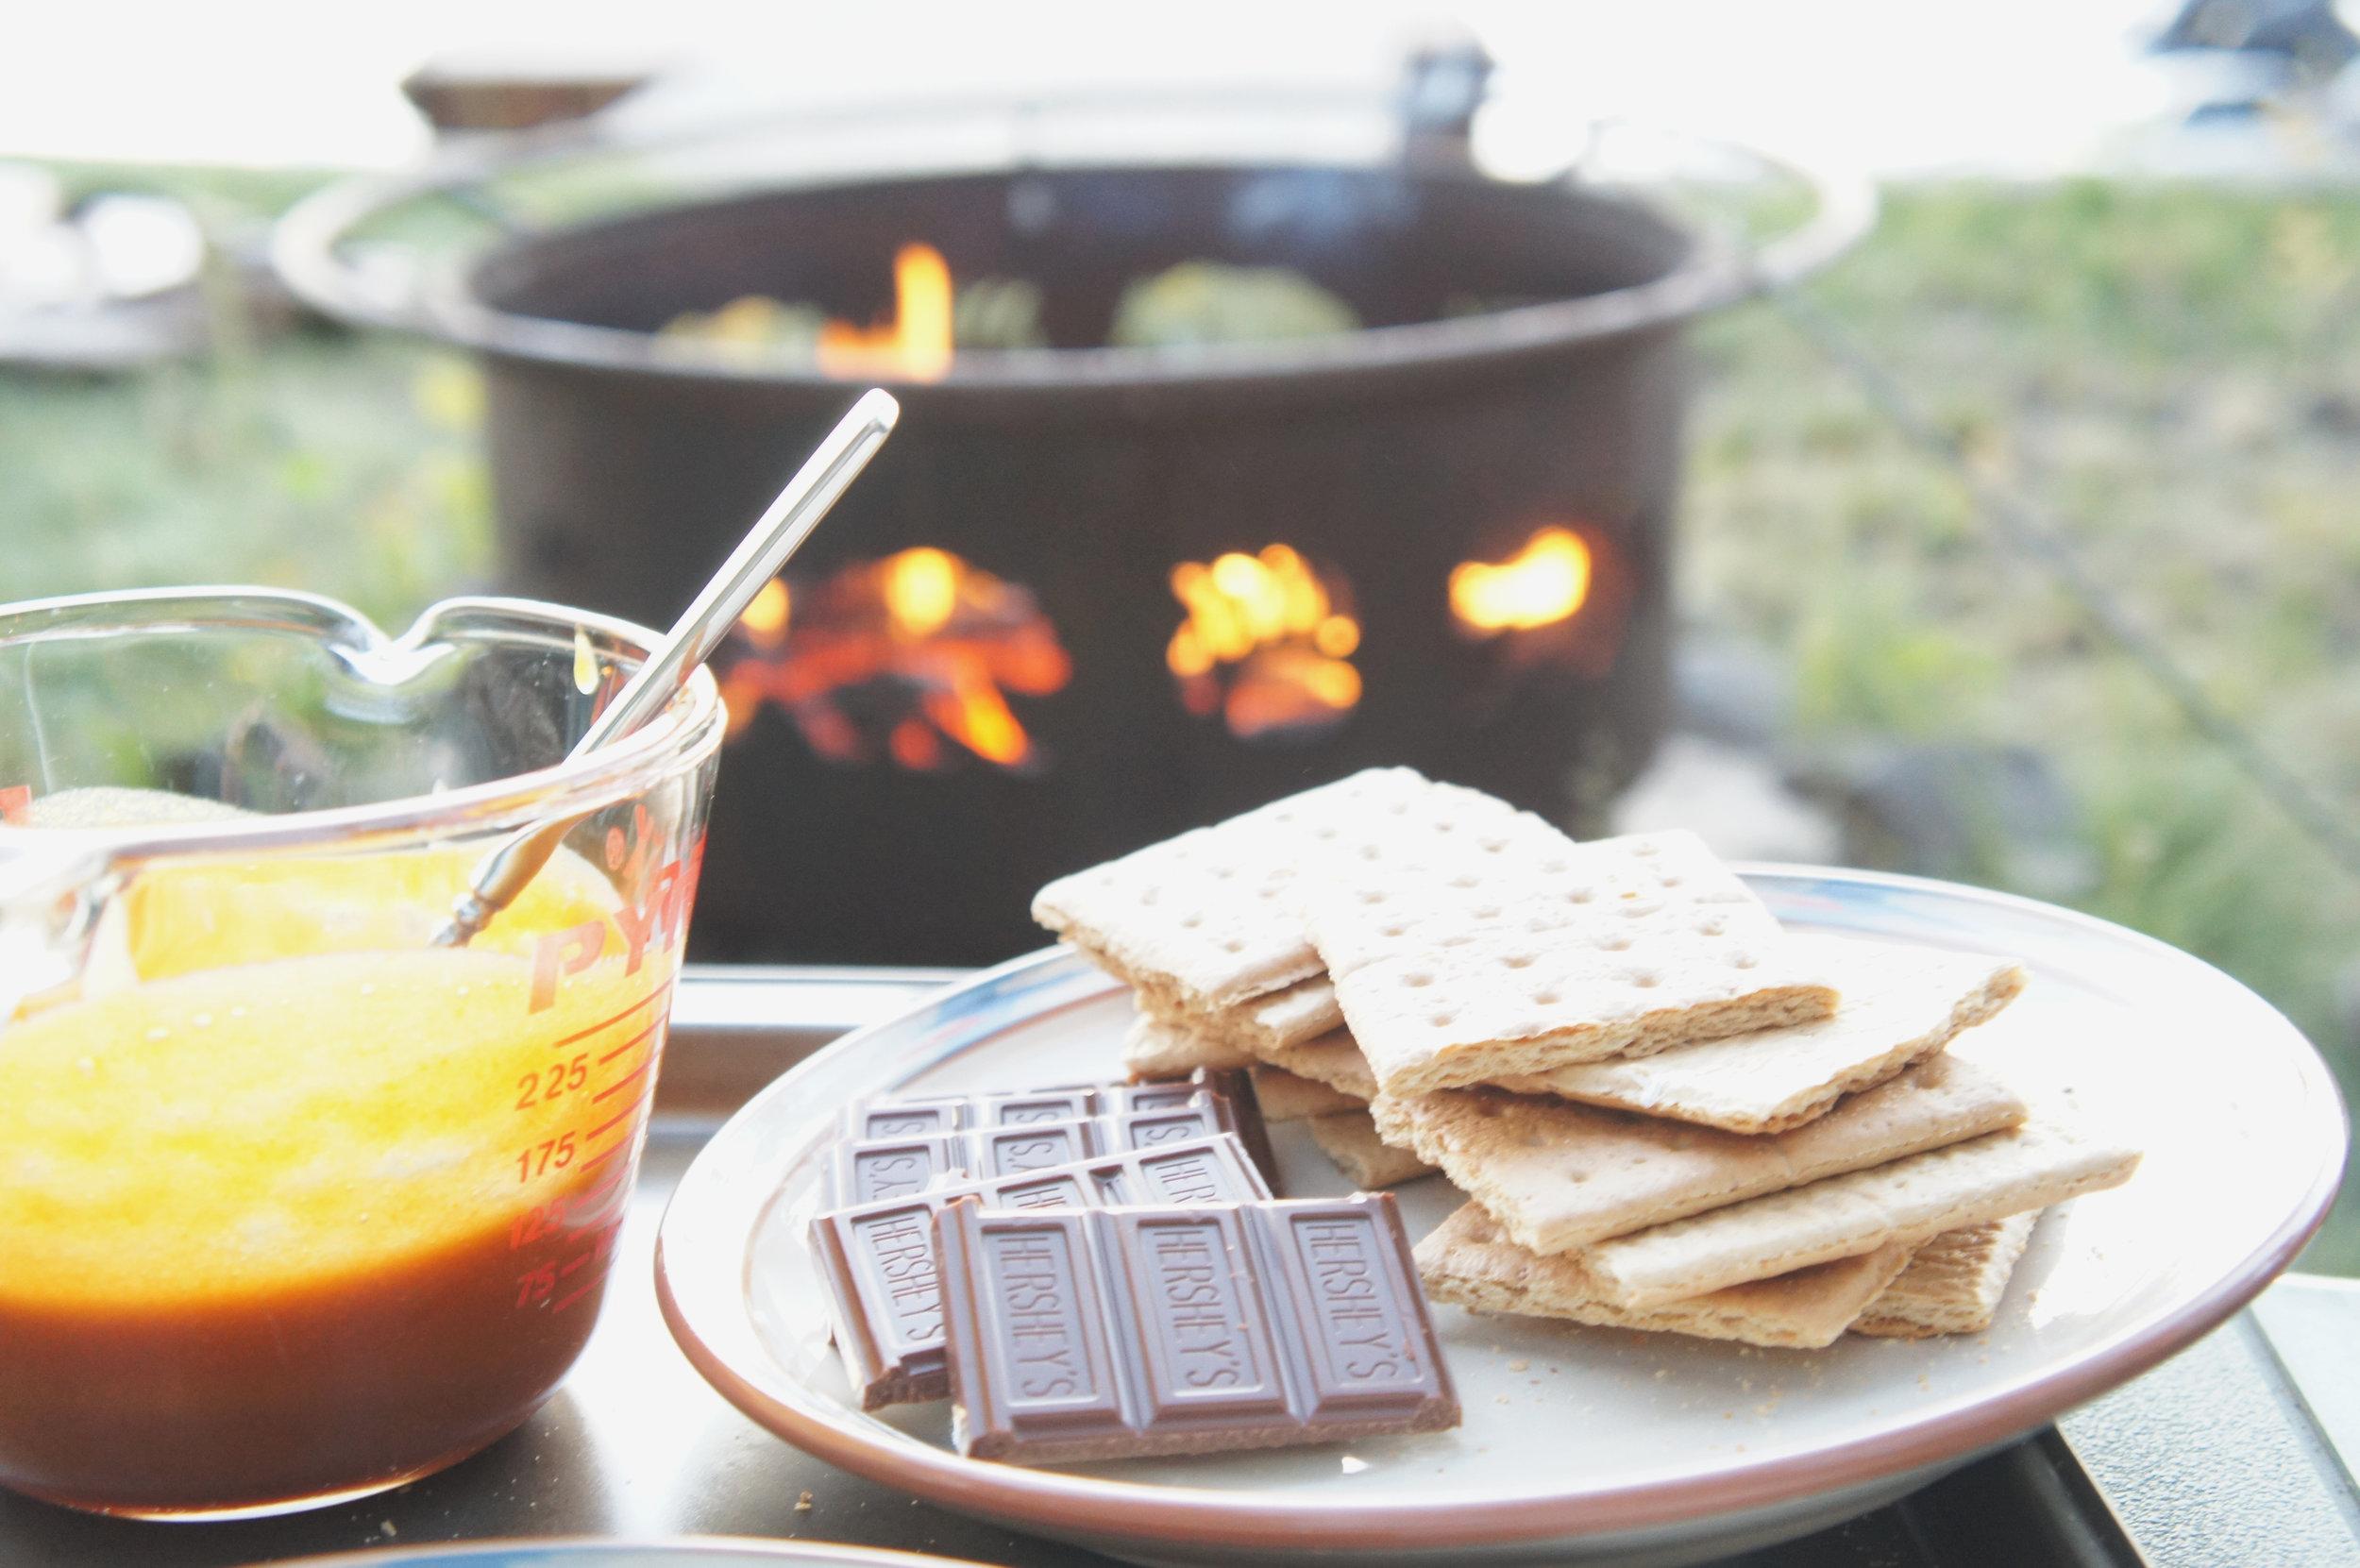 Salted Caramel Smore